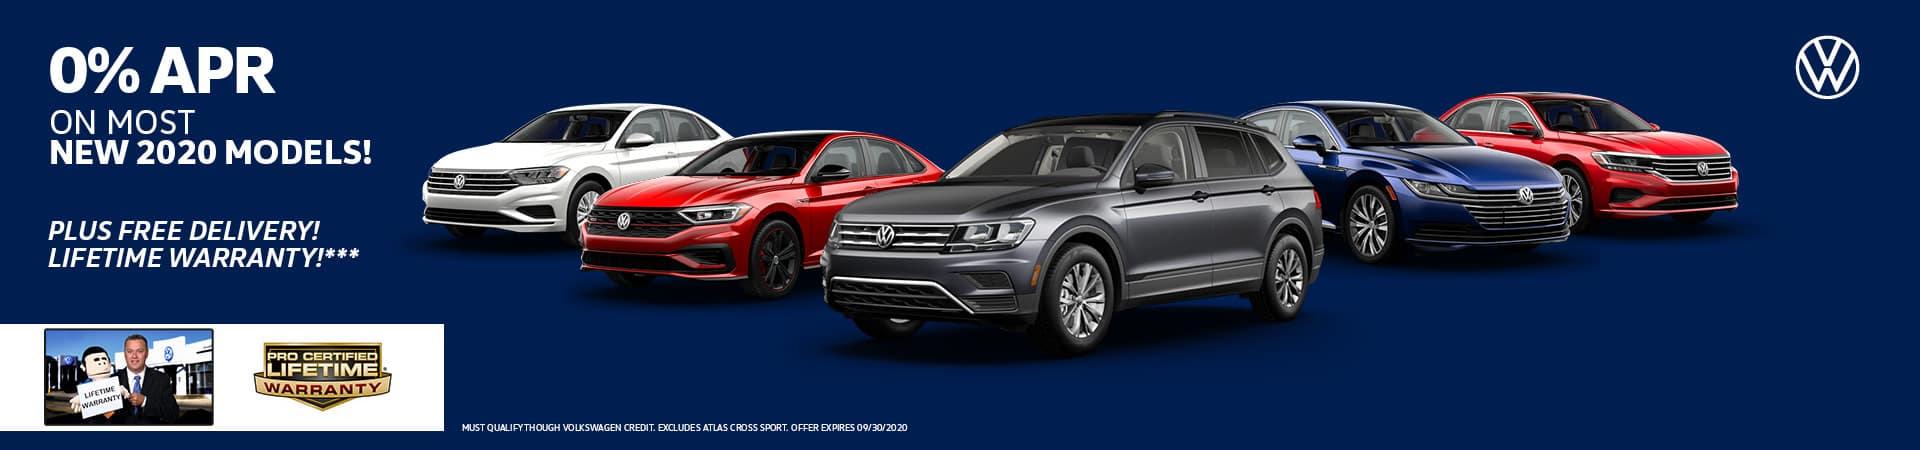 New 2020 Volkswagen Models   Cincinnati, OH